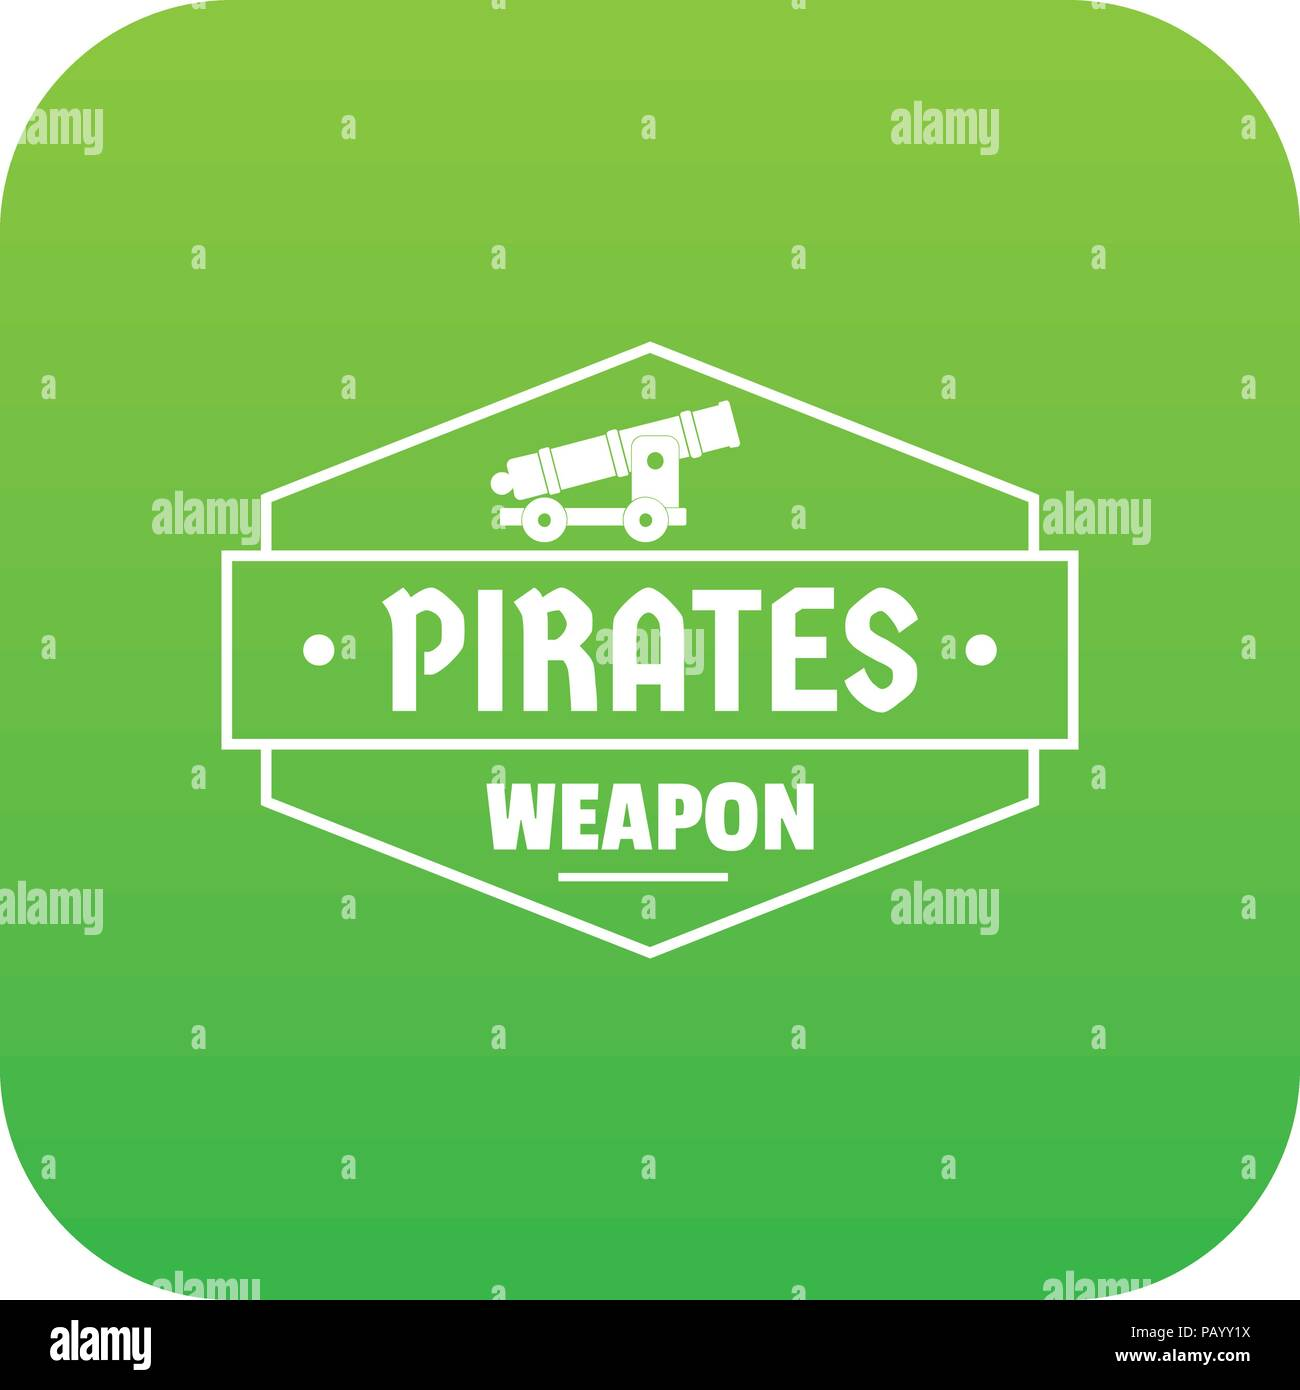 Piraten Kanone Symbol grün Vektor Stockbild